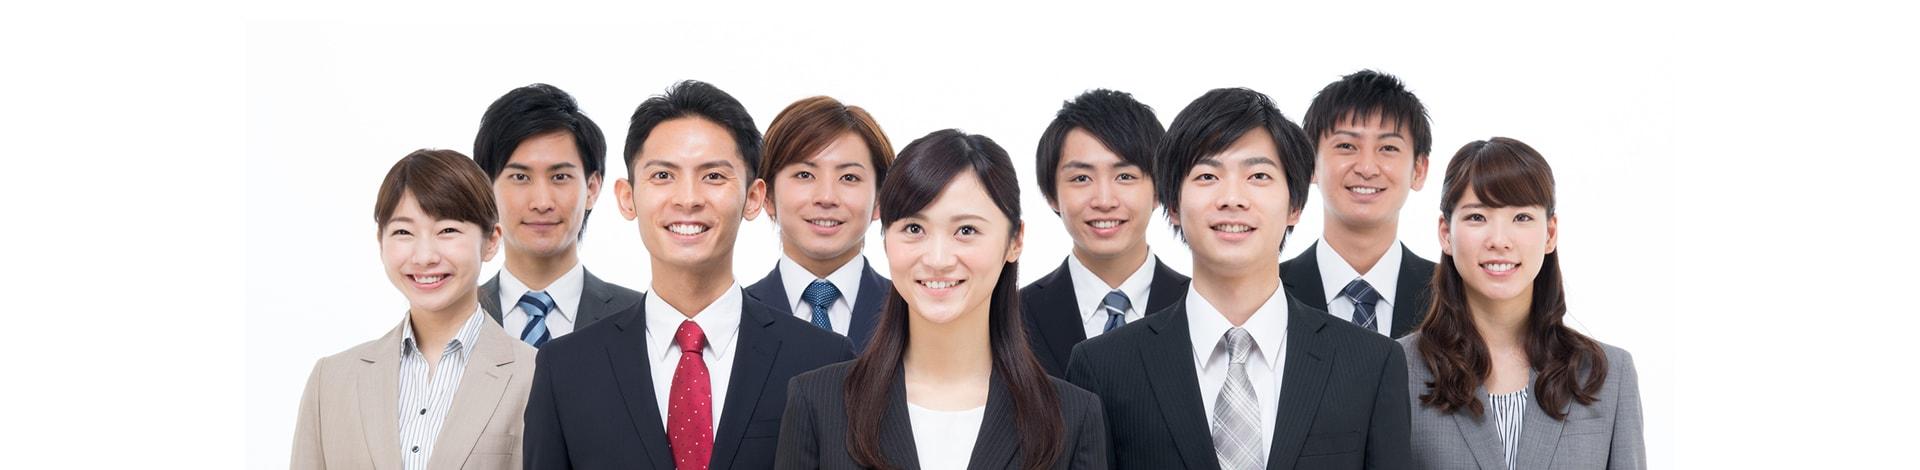 複数の従業員